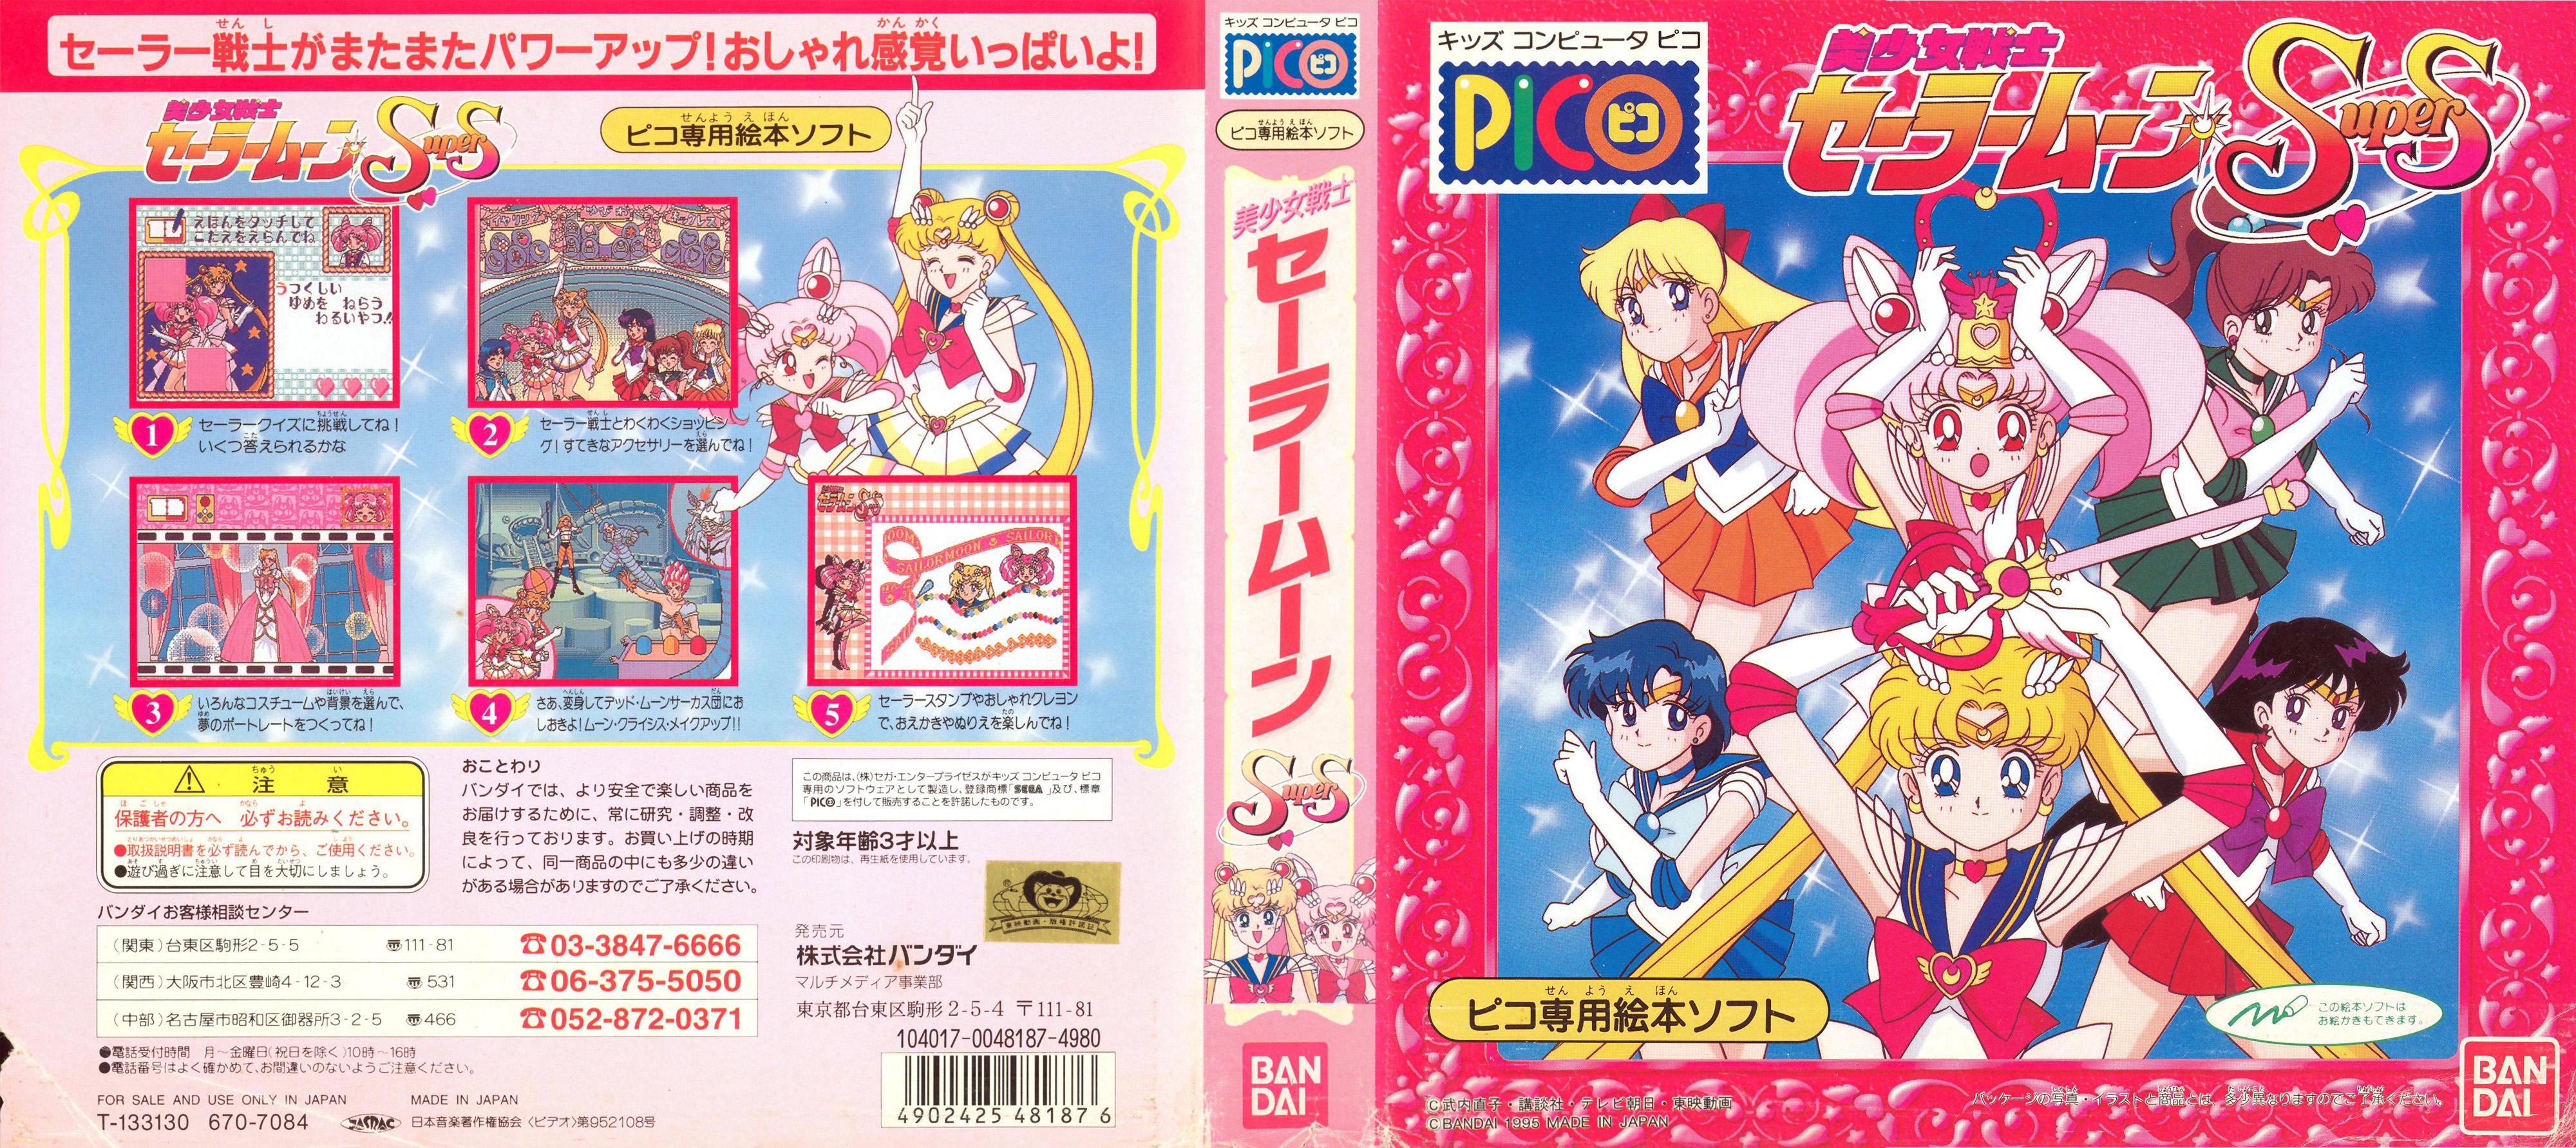 Bishoujo Senshi Sailor Moon SuperS (Sega Pico)